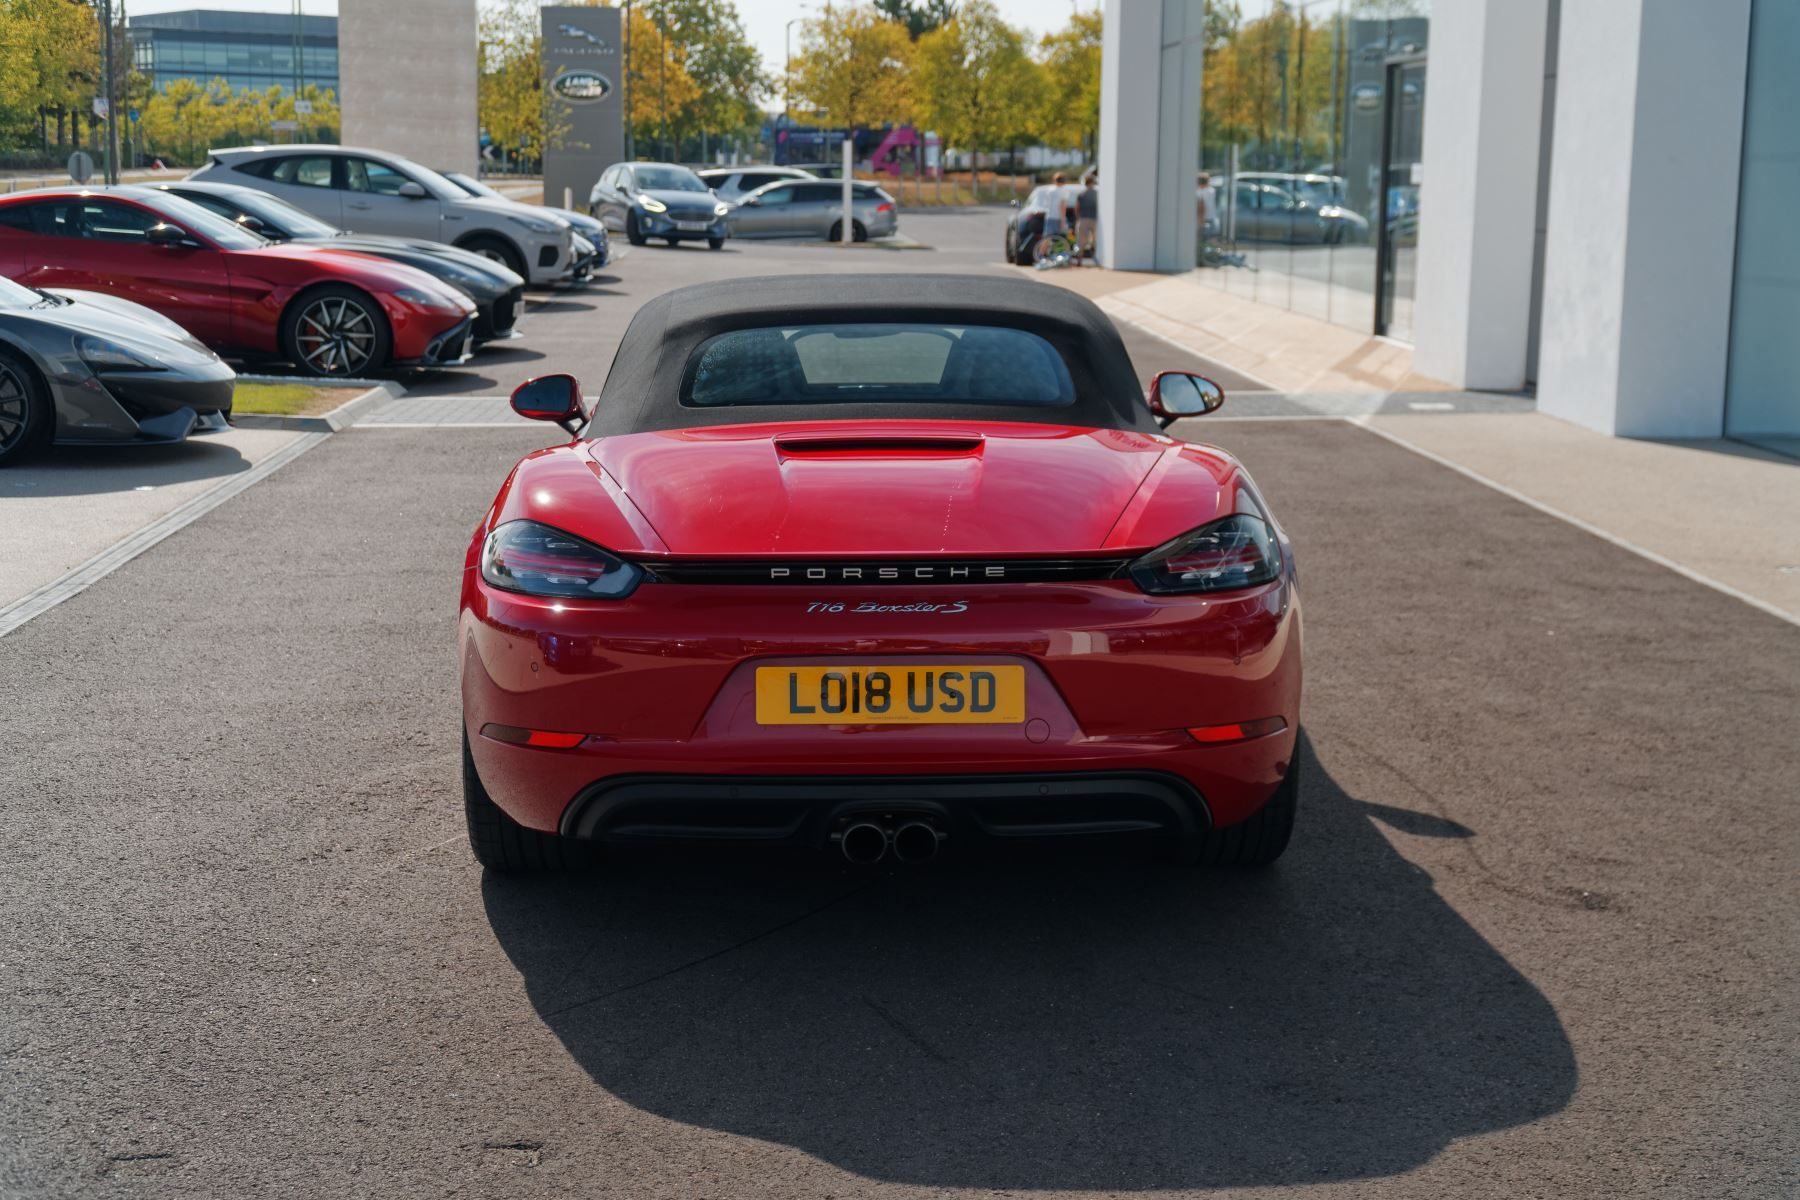 Porsche Boxster S image 5